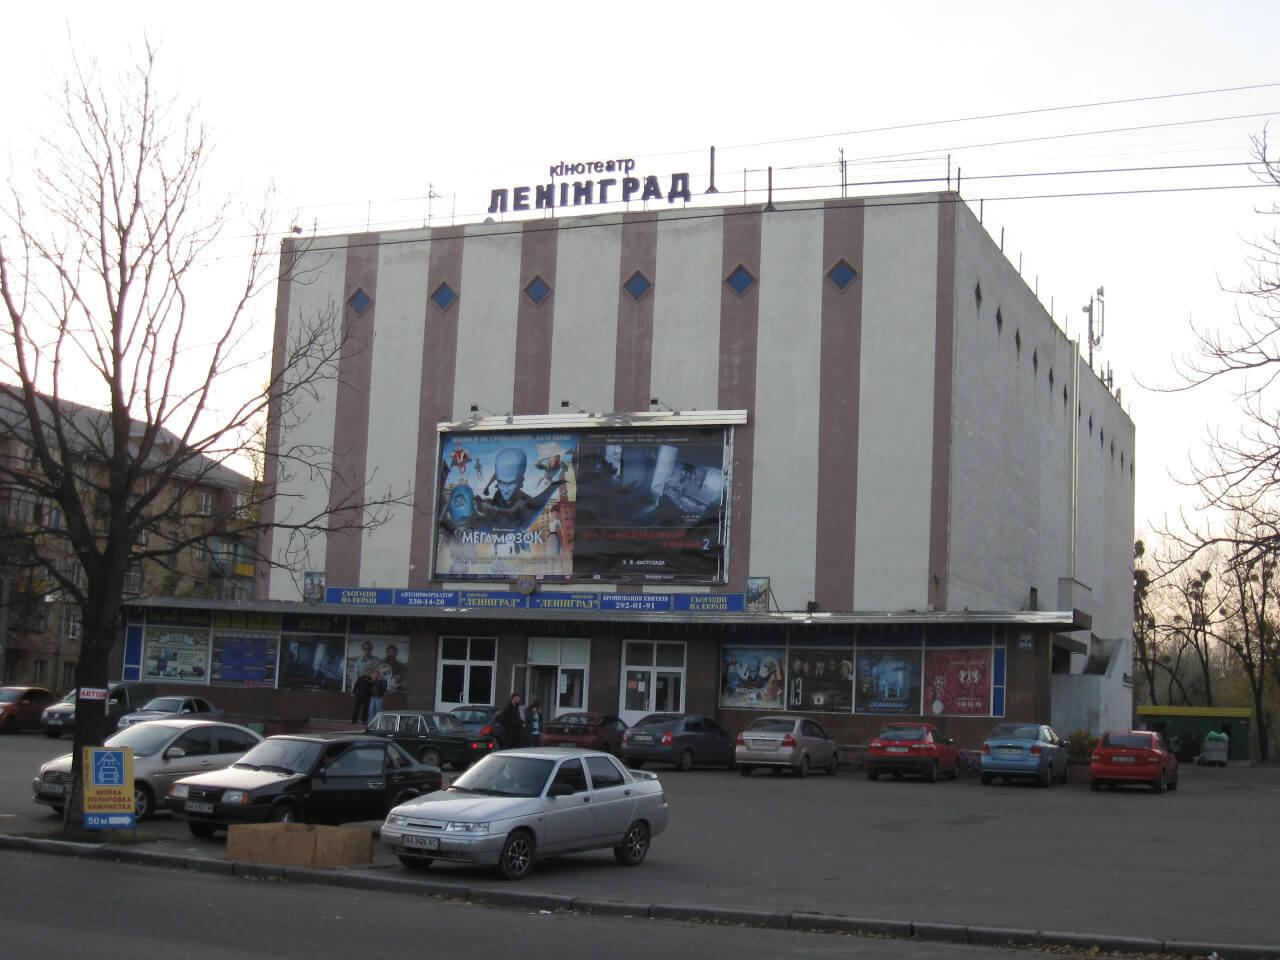 Кинотеатр Днепр